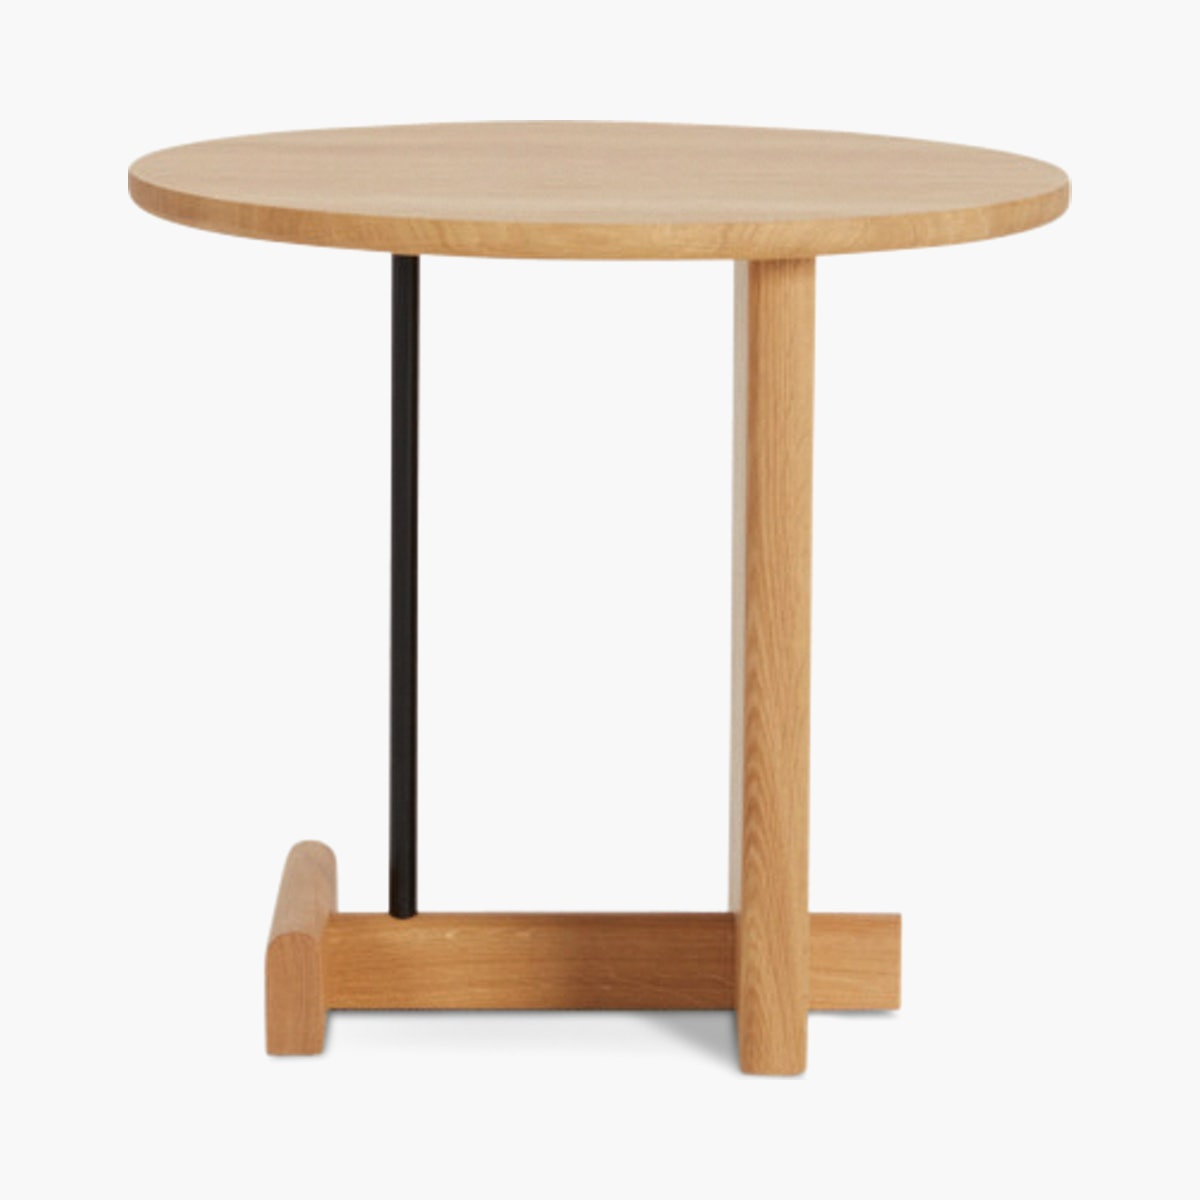 Koku Side Table